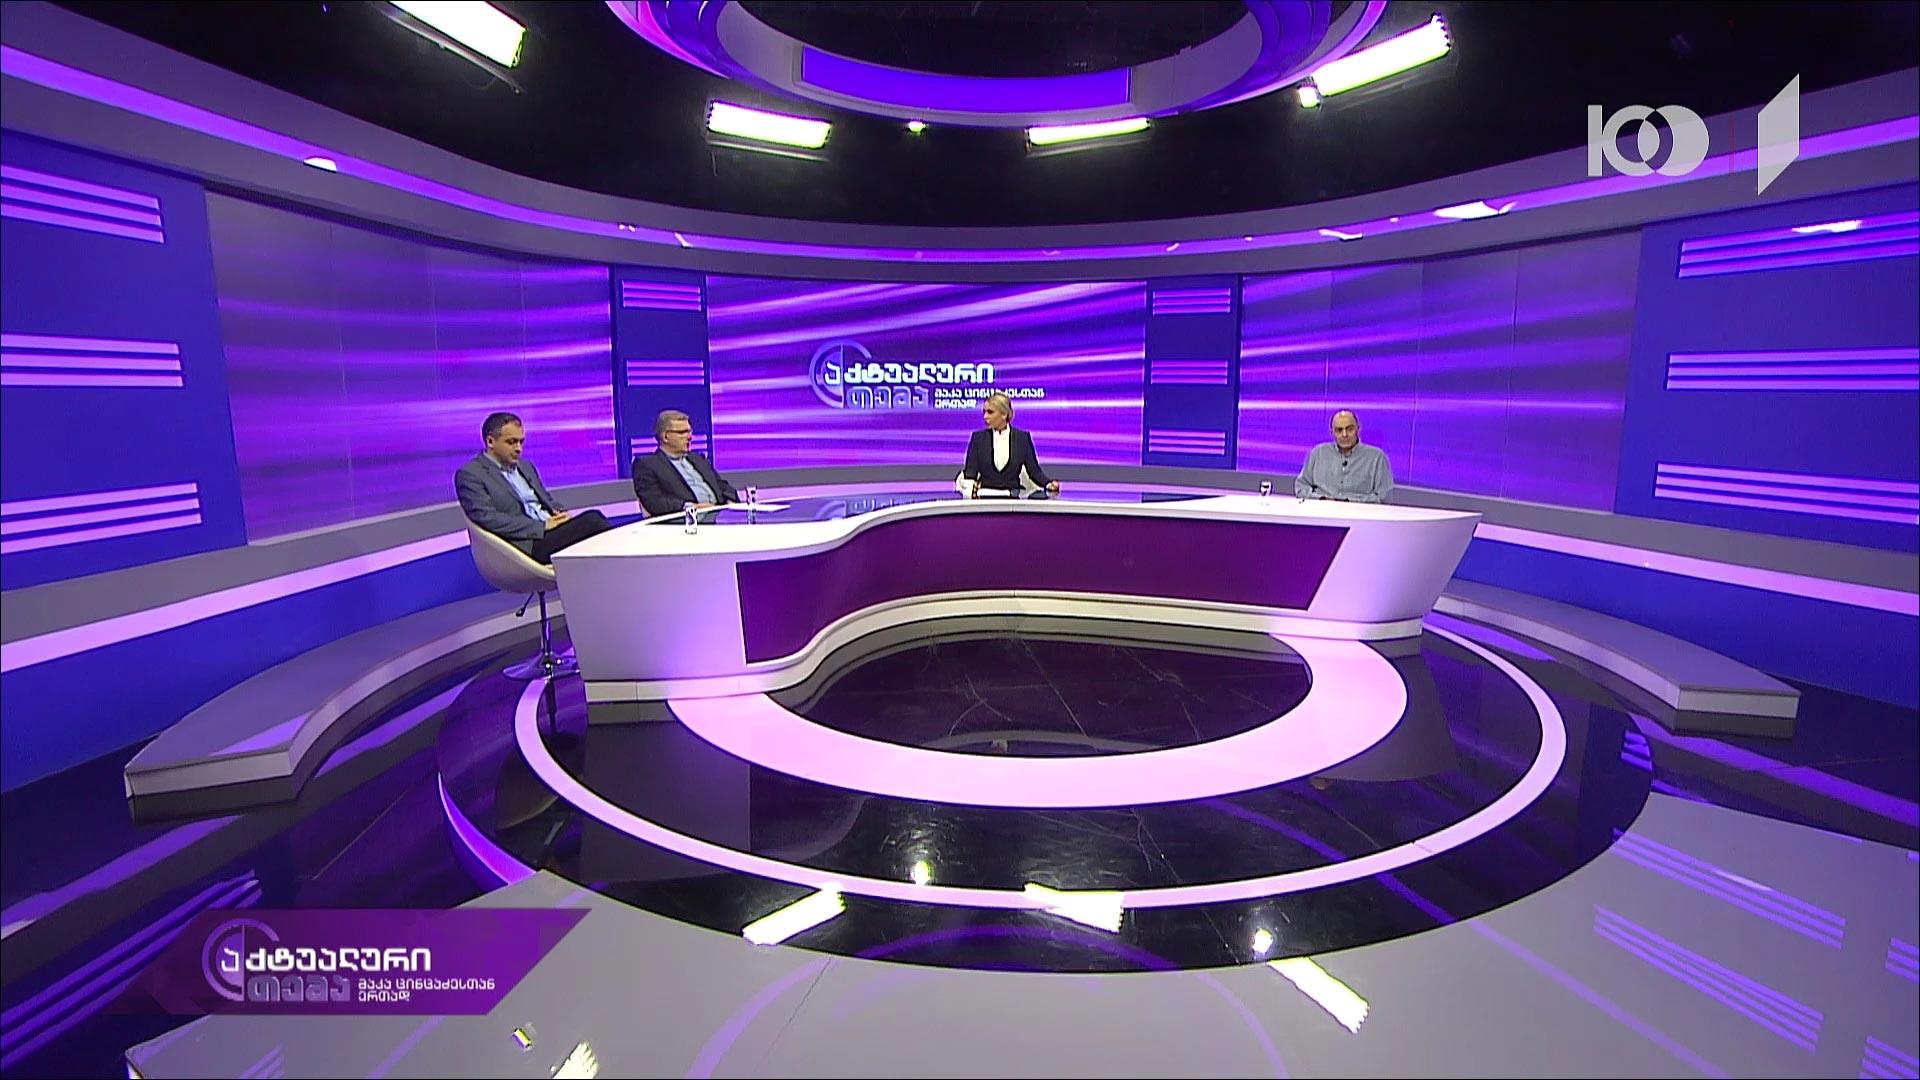 აქტუალური თემა მაკა ცინცაძესთან ერთად - რას მოასწავებს ყოფილი პრემიერის დაბრუნება და რა ცვლილებებს უნდა ველოდოთ ქართულ პოლიტიკაში? #LIVE